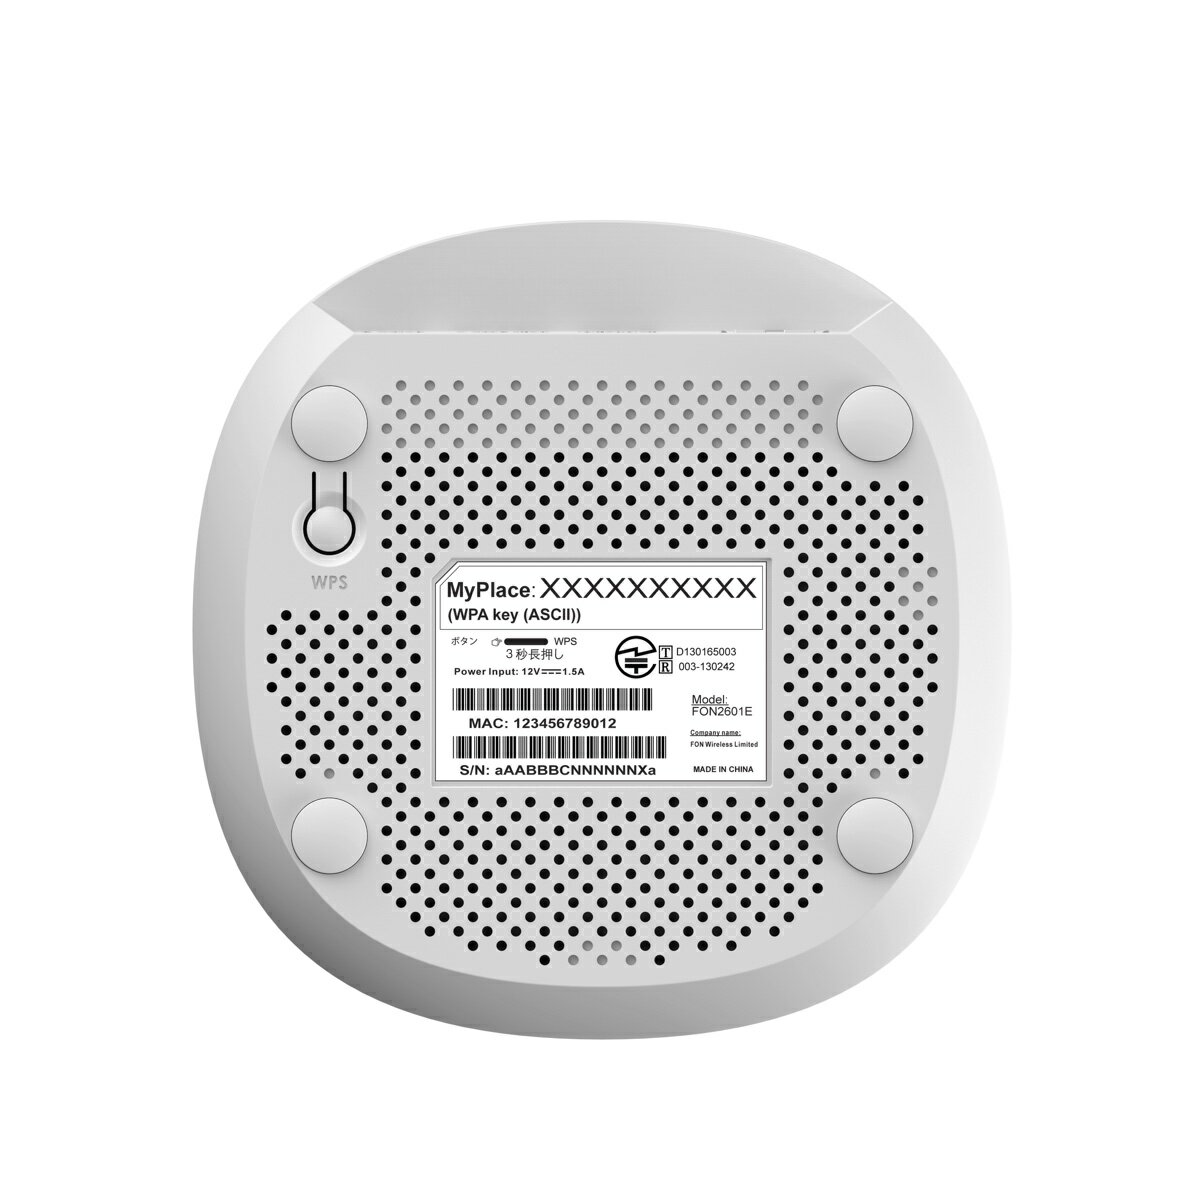 Fon Wi-Fiルーター ( 無線LAN ) ハイスピードモデル登場! 866Mbps+300Mbps ギガWANポートも搭載! 【もちろんWi-Fiスポットの無料利用特典付き!これができるのはFonだけ!!】 ( ac/n/g/b/a ) FON2601E-SE